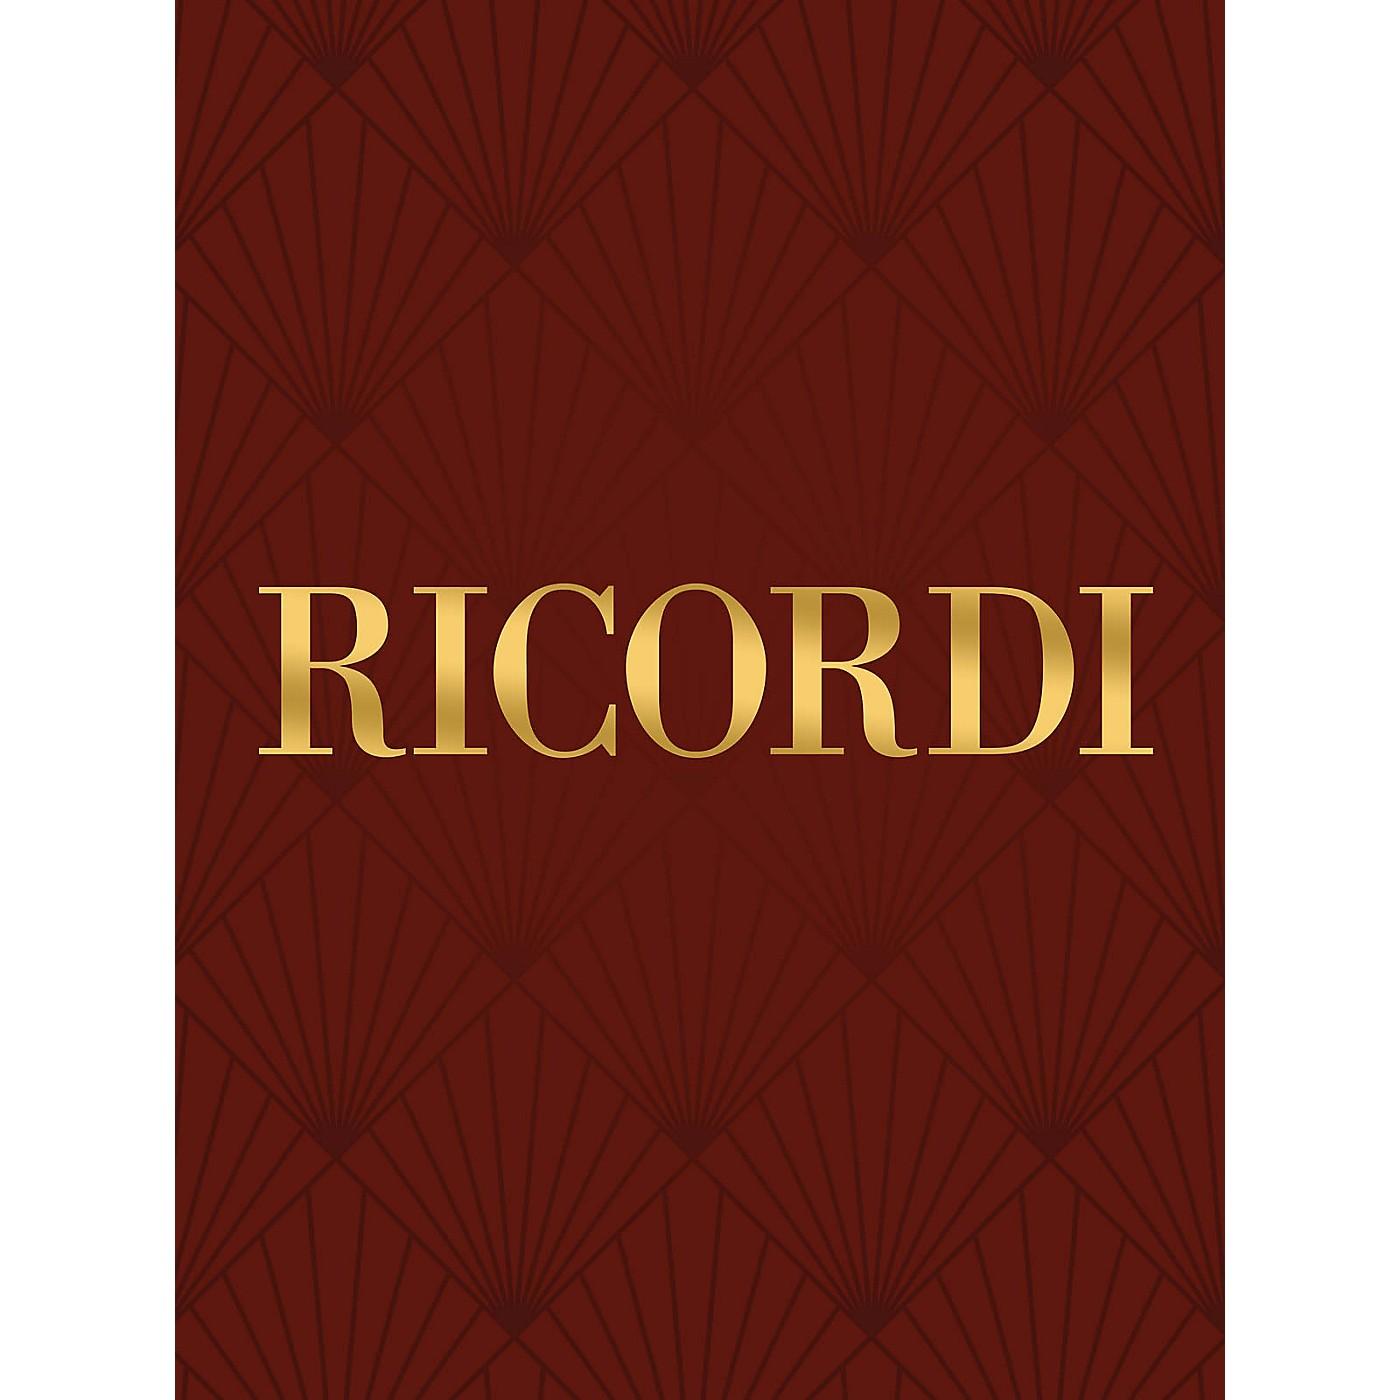 Ricordi La Cenerentola (Vocal Score) Opera Series Composed by Gioacchino Rossini Edited by Alberto Zedda thumbnail